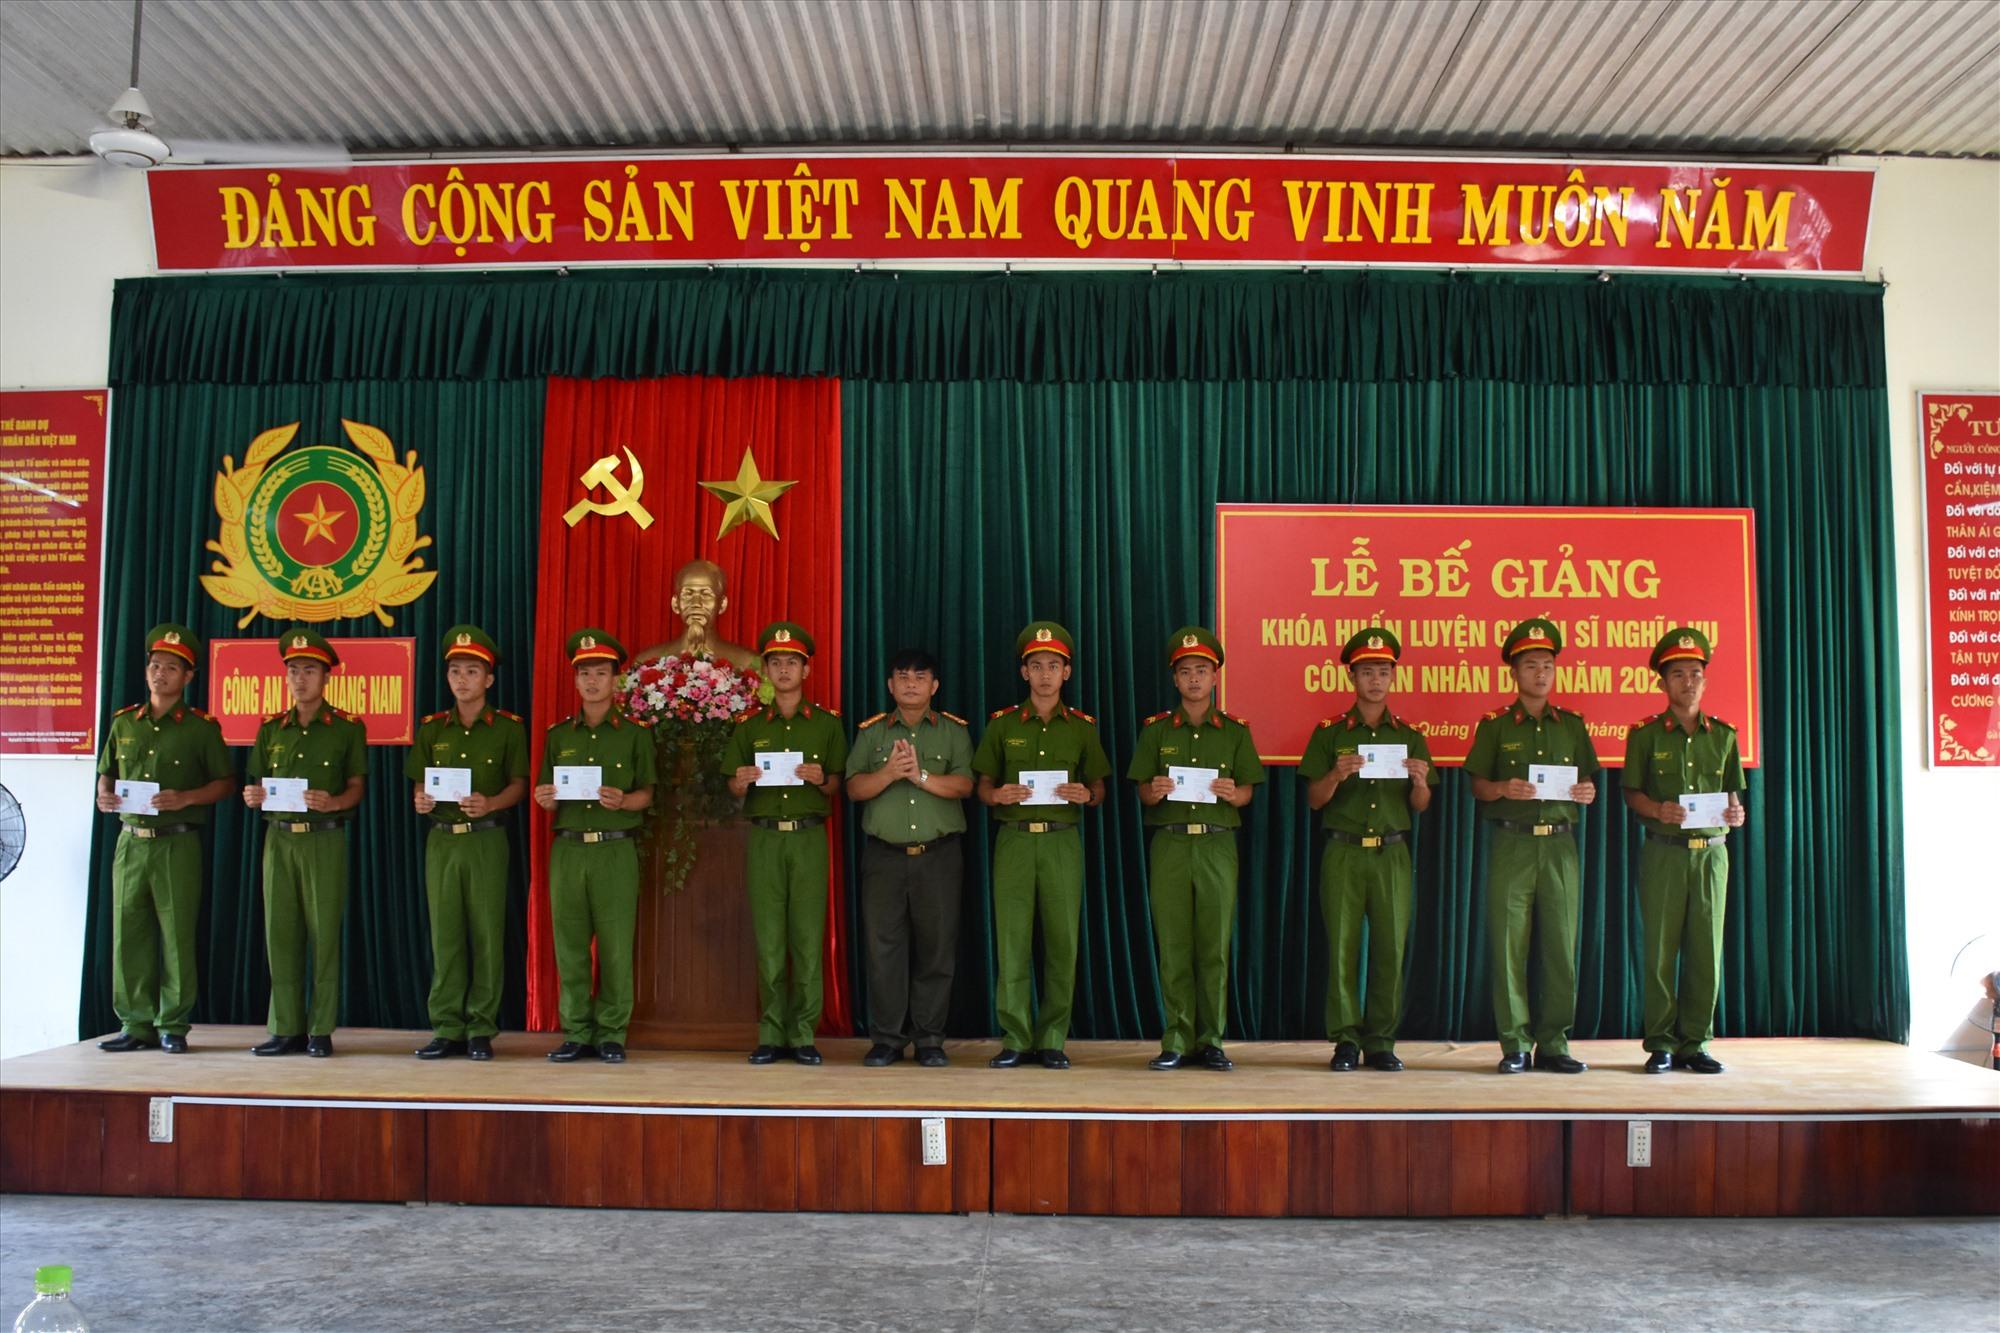 Đại tá Huỳnh Sông Thu - Phó Giám đốc Công an tỉnh trao giấy chứng nhận hoàn thành khóa huấn luyện cho các chiến sĩ nghĩa vụ.